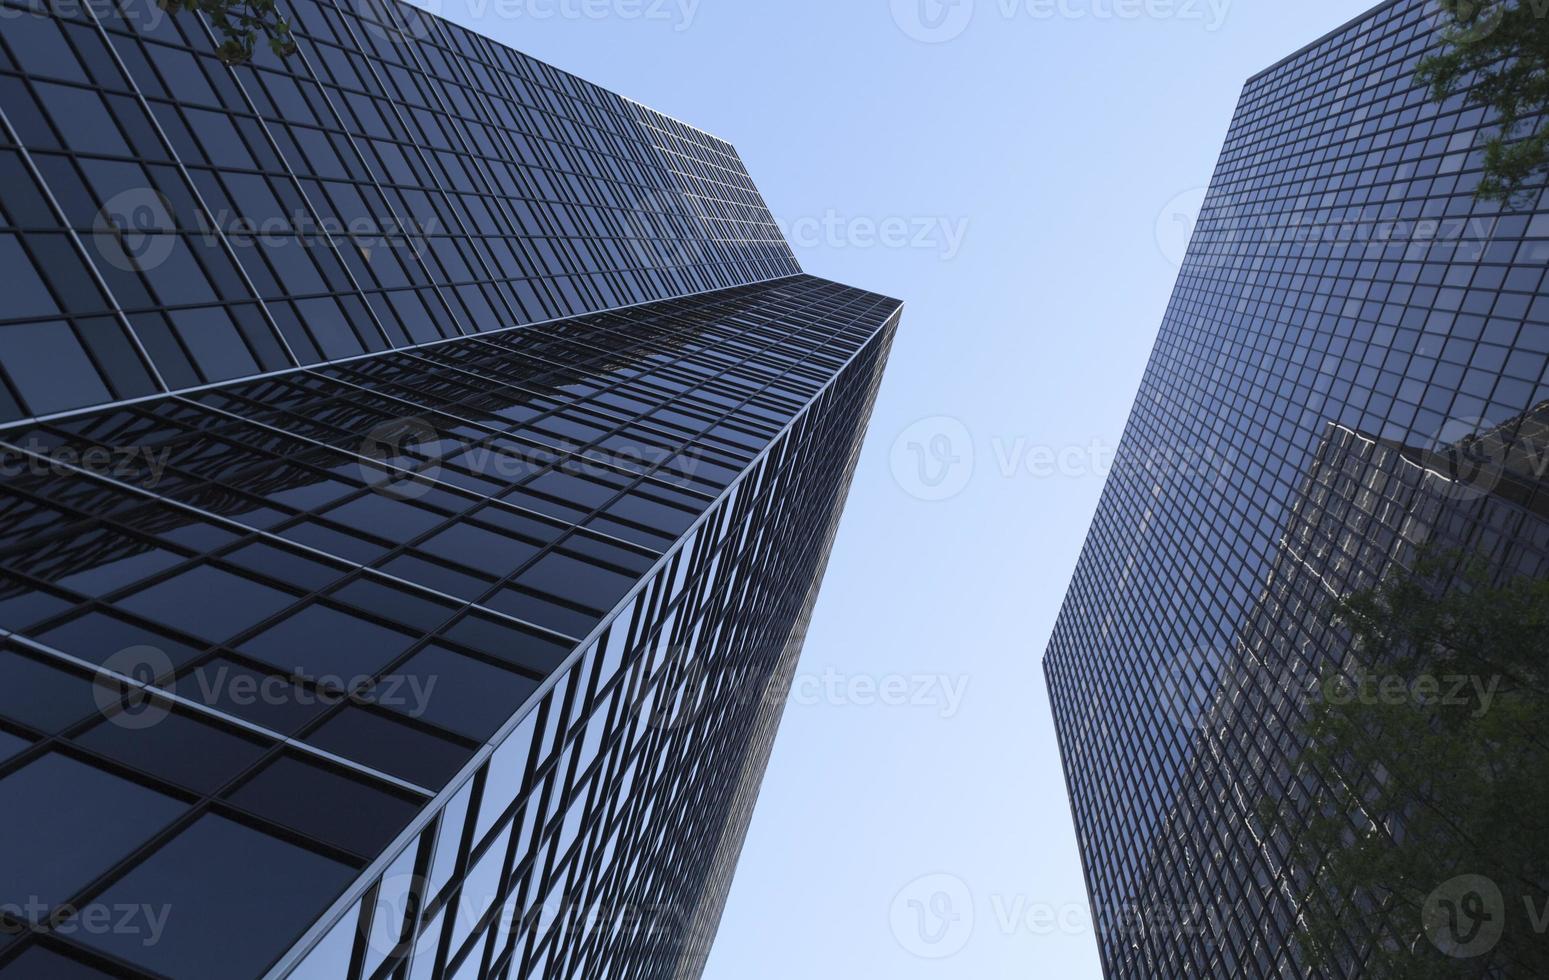 torres de escritórios modernos de aço e vidro sob o céu azul foto